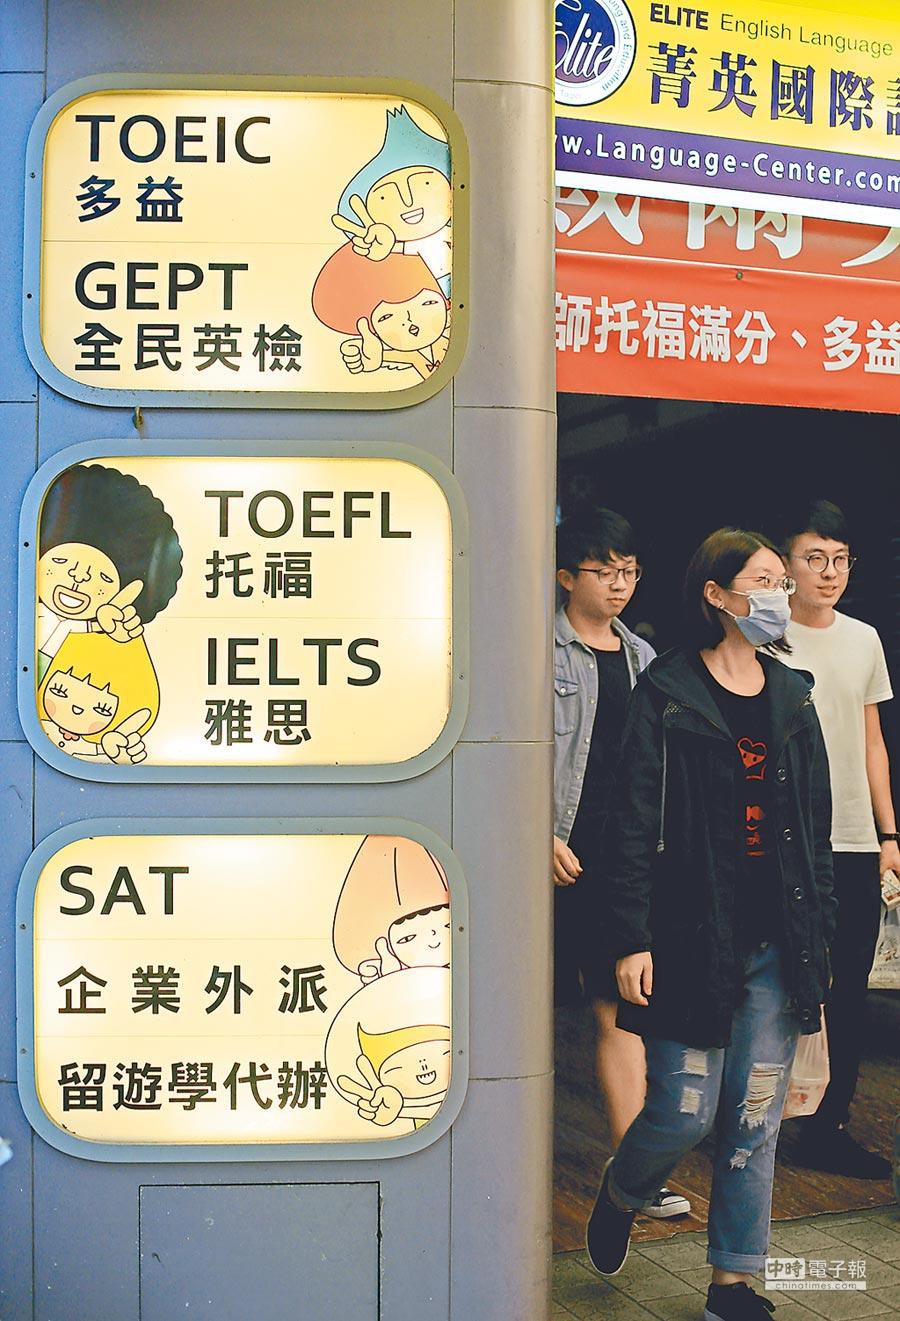 台灣產業招新進員工,對英語能力要求平均在多益582分,但2017年台灣大學生多益平均只有514分,英語能力與企業需求有明顯落差。(本報資料照片)